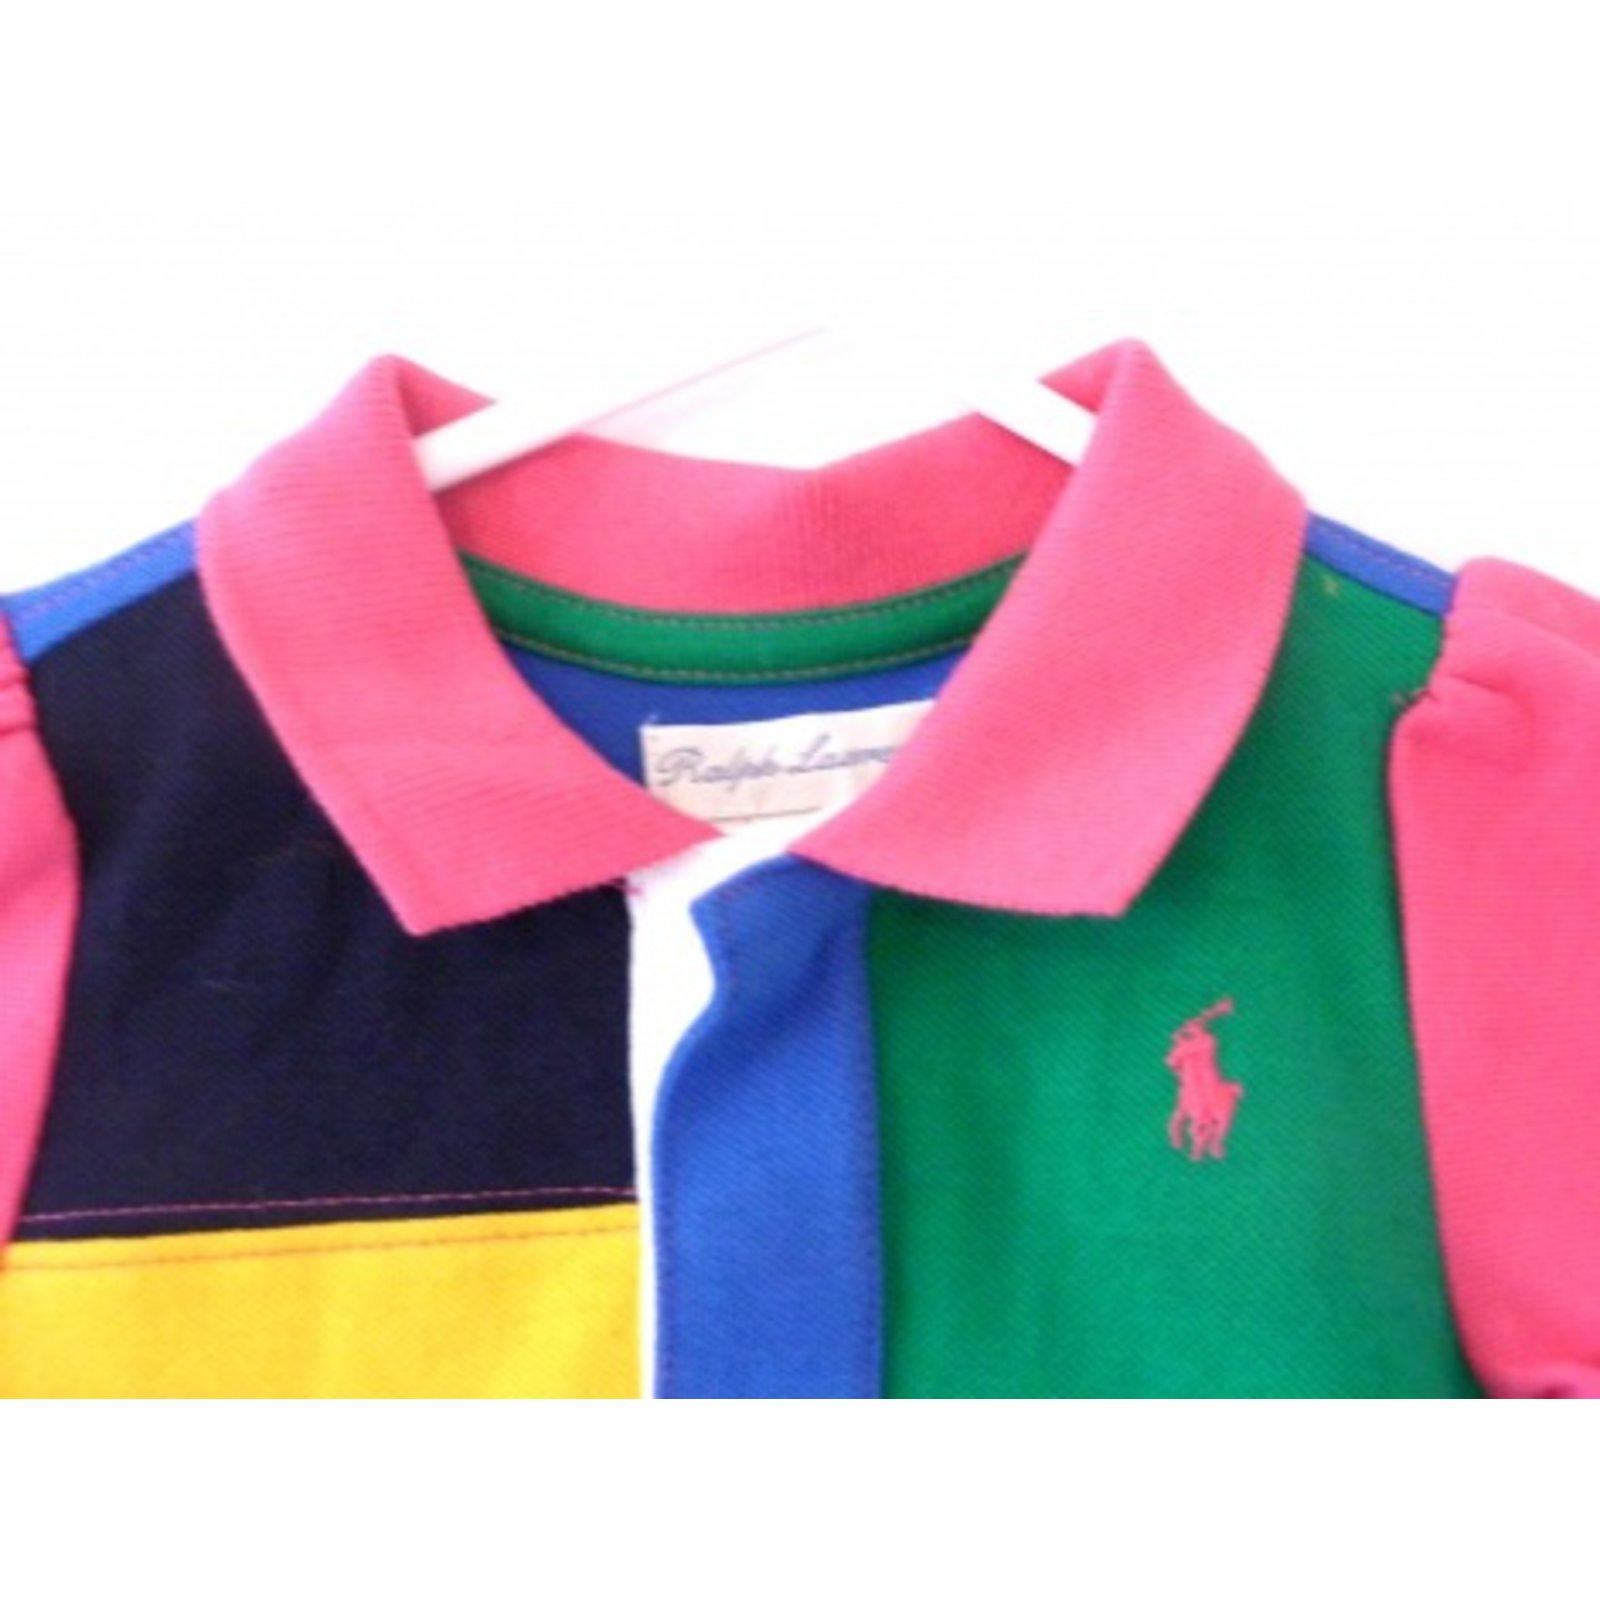 b49d1328c354 Les ensembles fille Polo Ralph Lauren Ensemble bébé Coton Multicolore  ref.6137 - Joli Closet